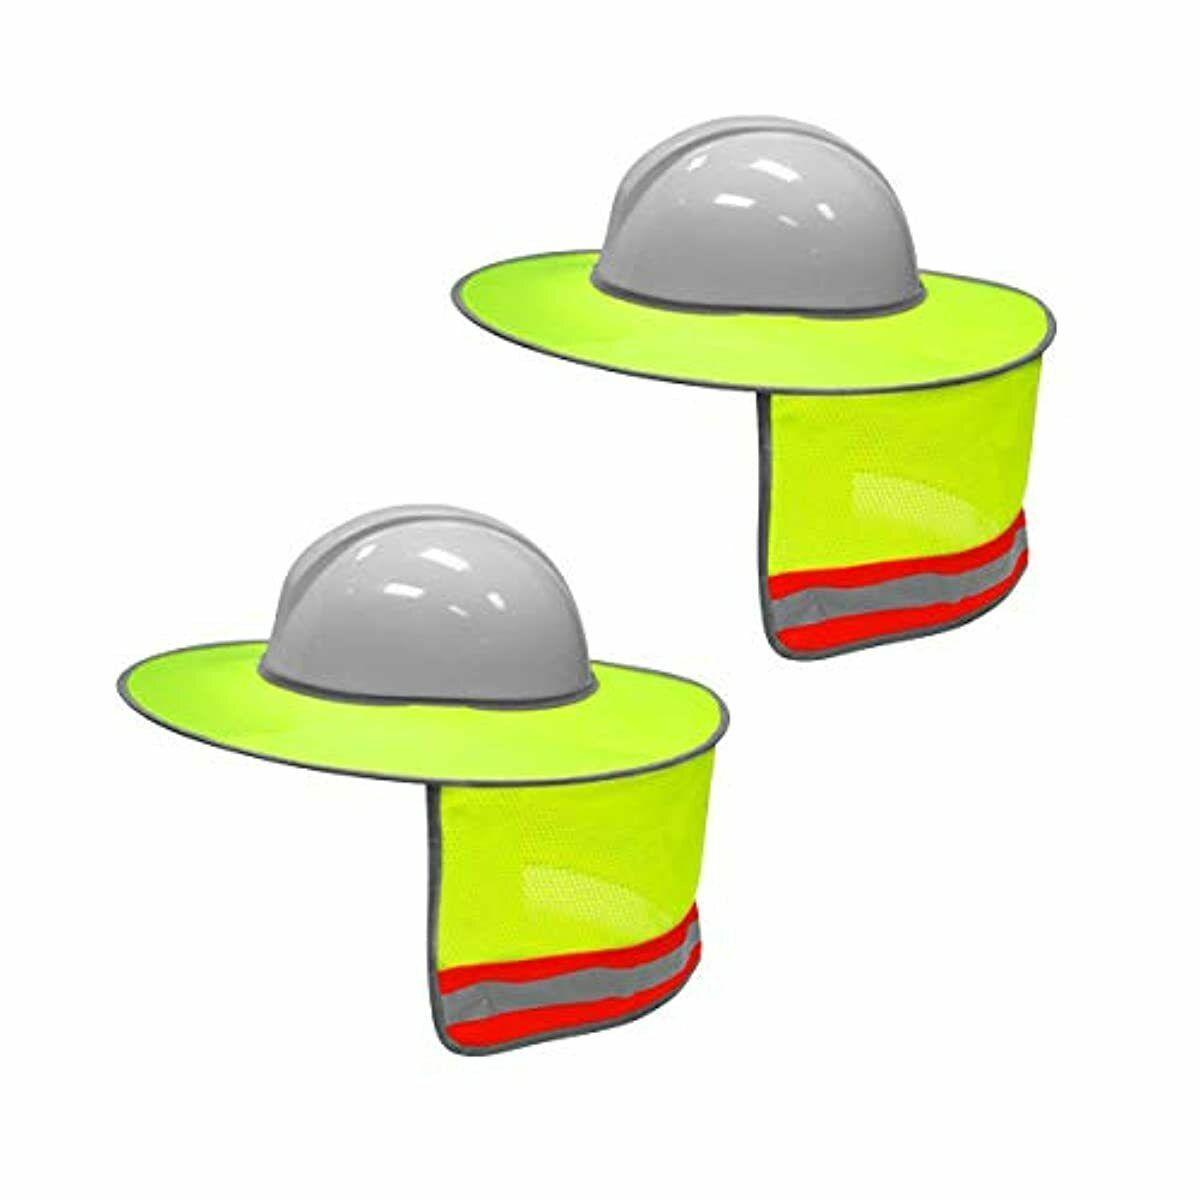 2 Proteccion De Solar Para Casco Seguridad Para El Sol Sombrero Cascos Protector